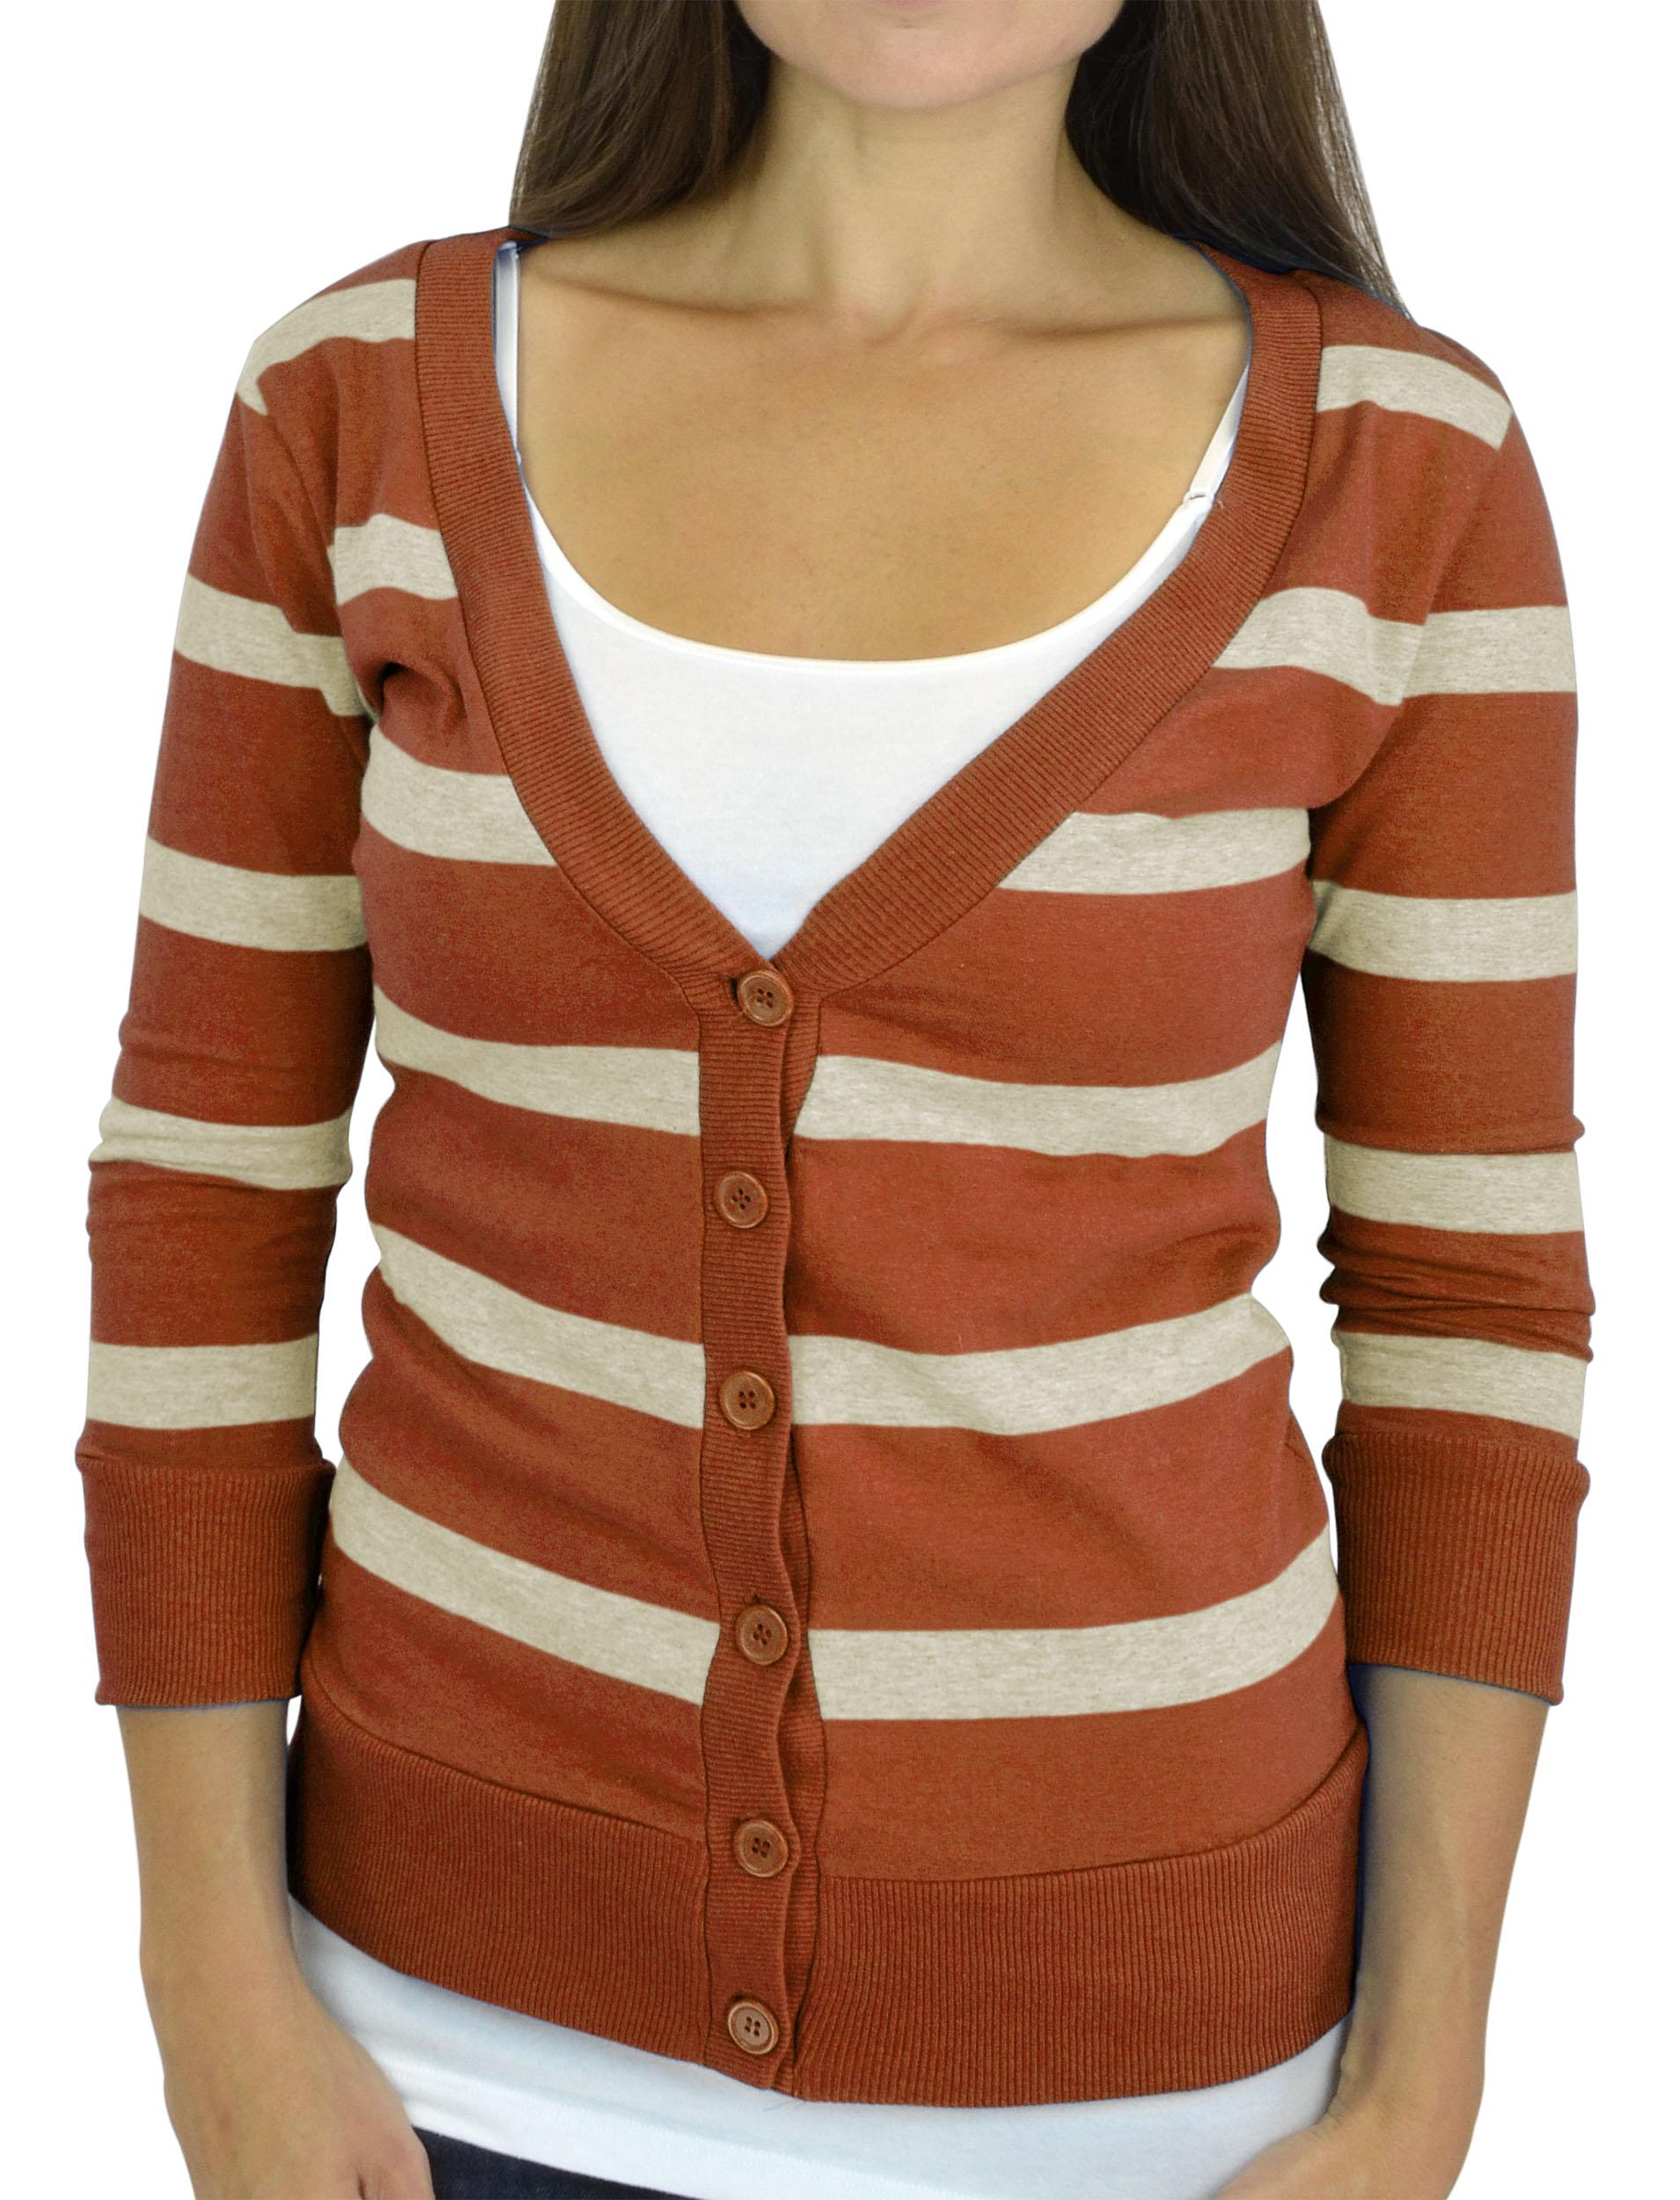 Belle Donne - Women / Girl Junior Size Soft 3/4 Sleeve V-Neck Sweater Cardigans - Rust/Medium